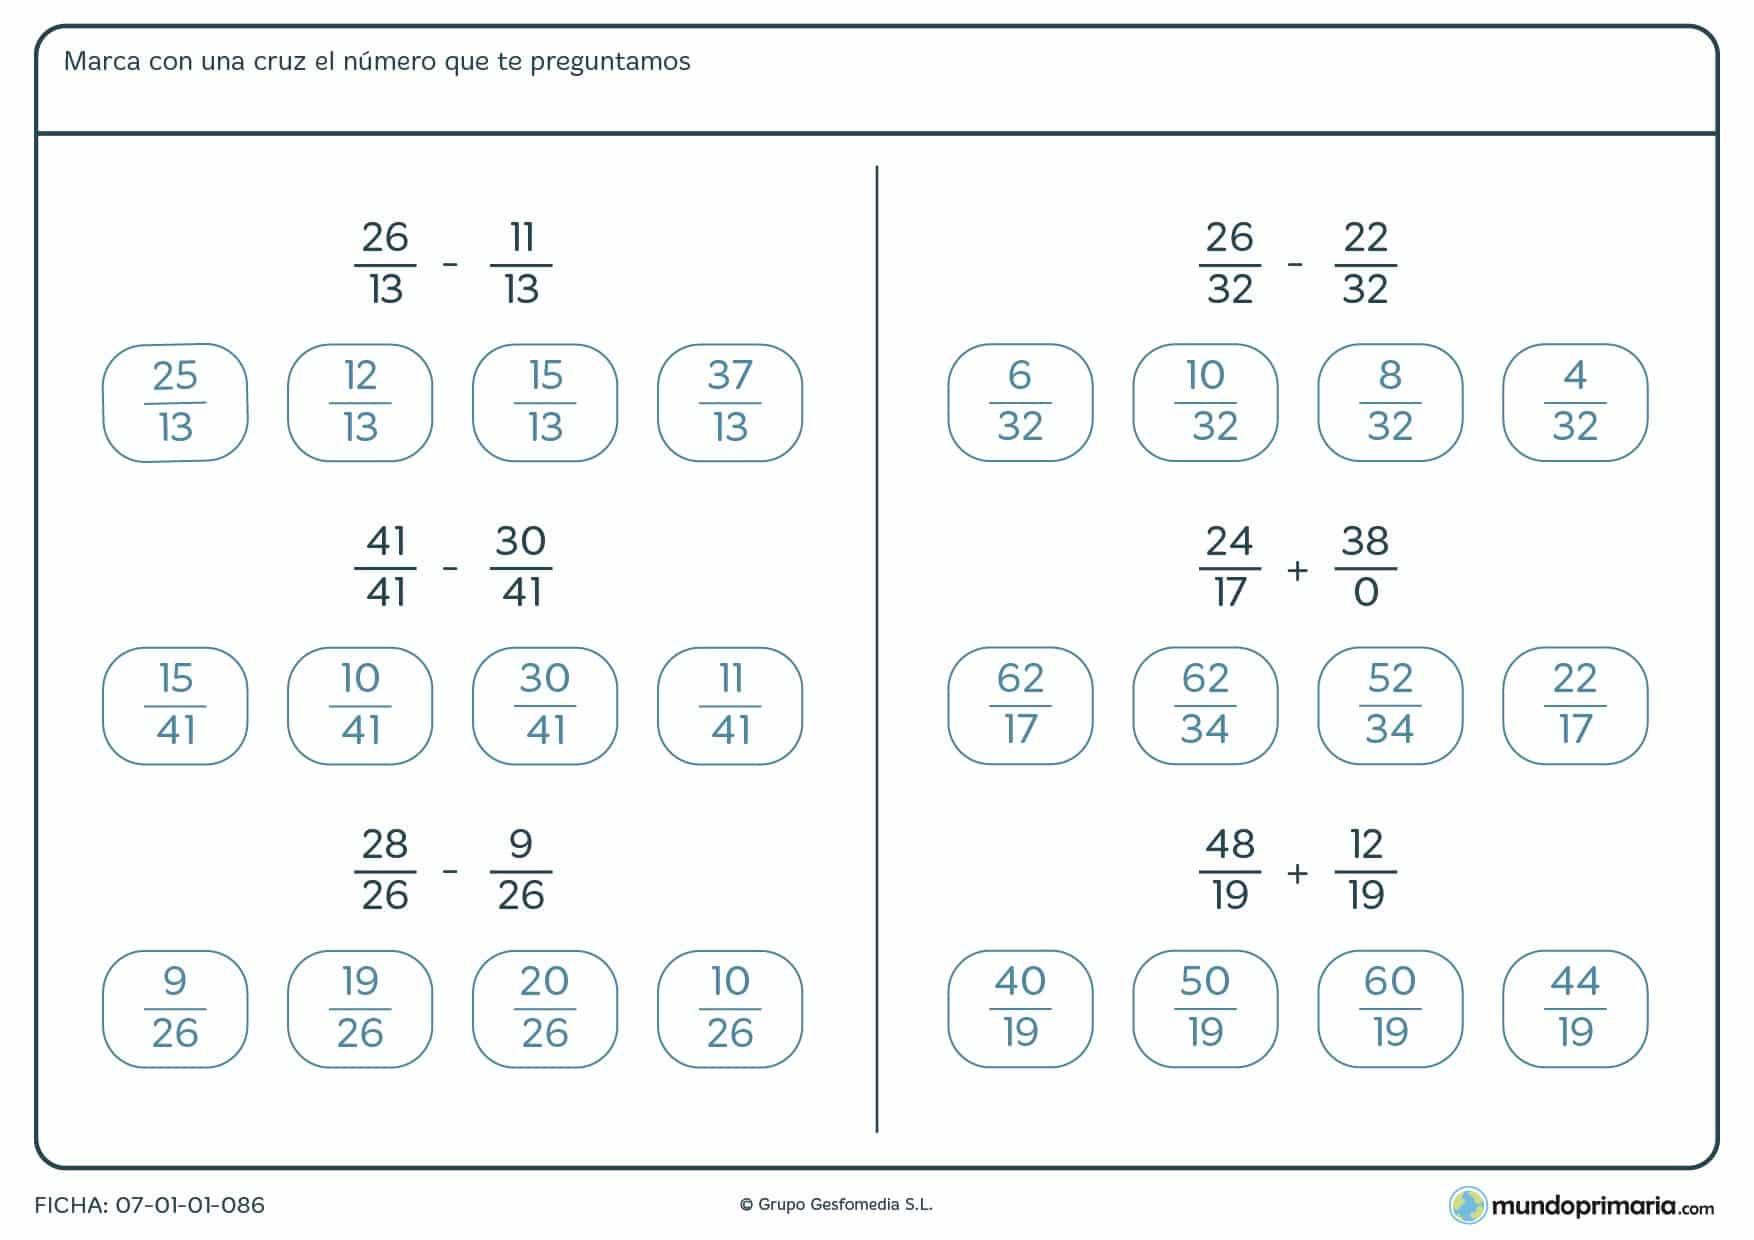 Ficha de restar y sumar diferentes tipos de fracciones para Primaria